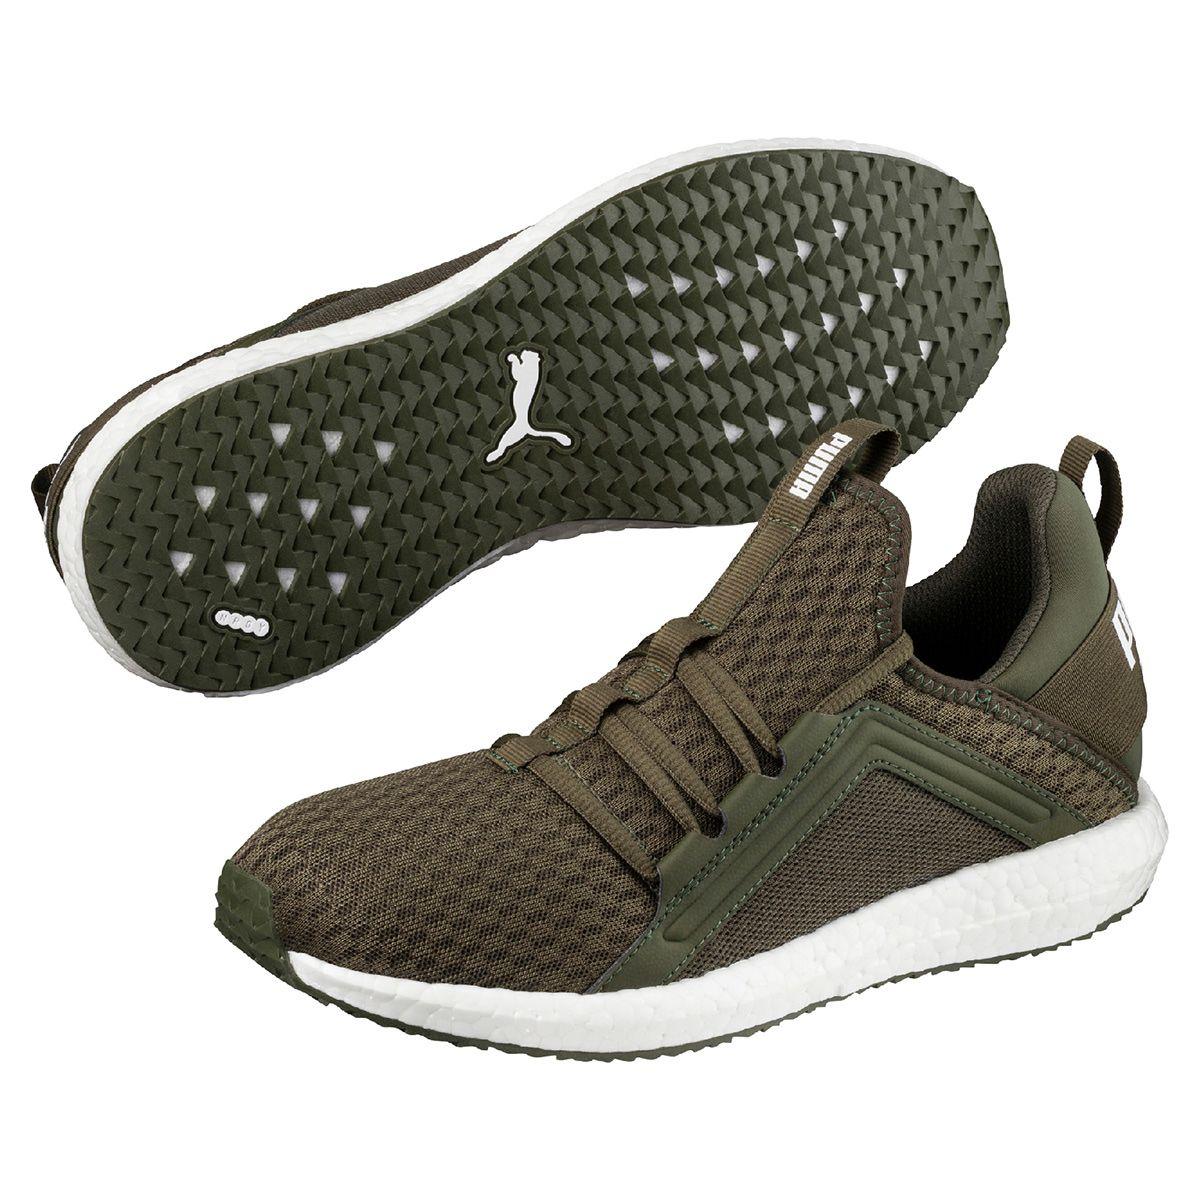 0c01841658b Compre Agora Tênis Puma Mega Nrgy Bdp Feminino e muito mais em artigos  esportivos com preços